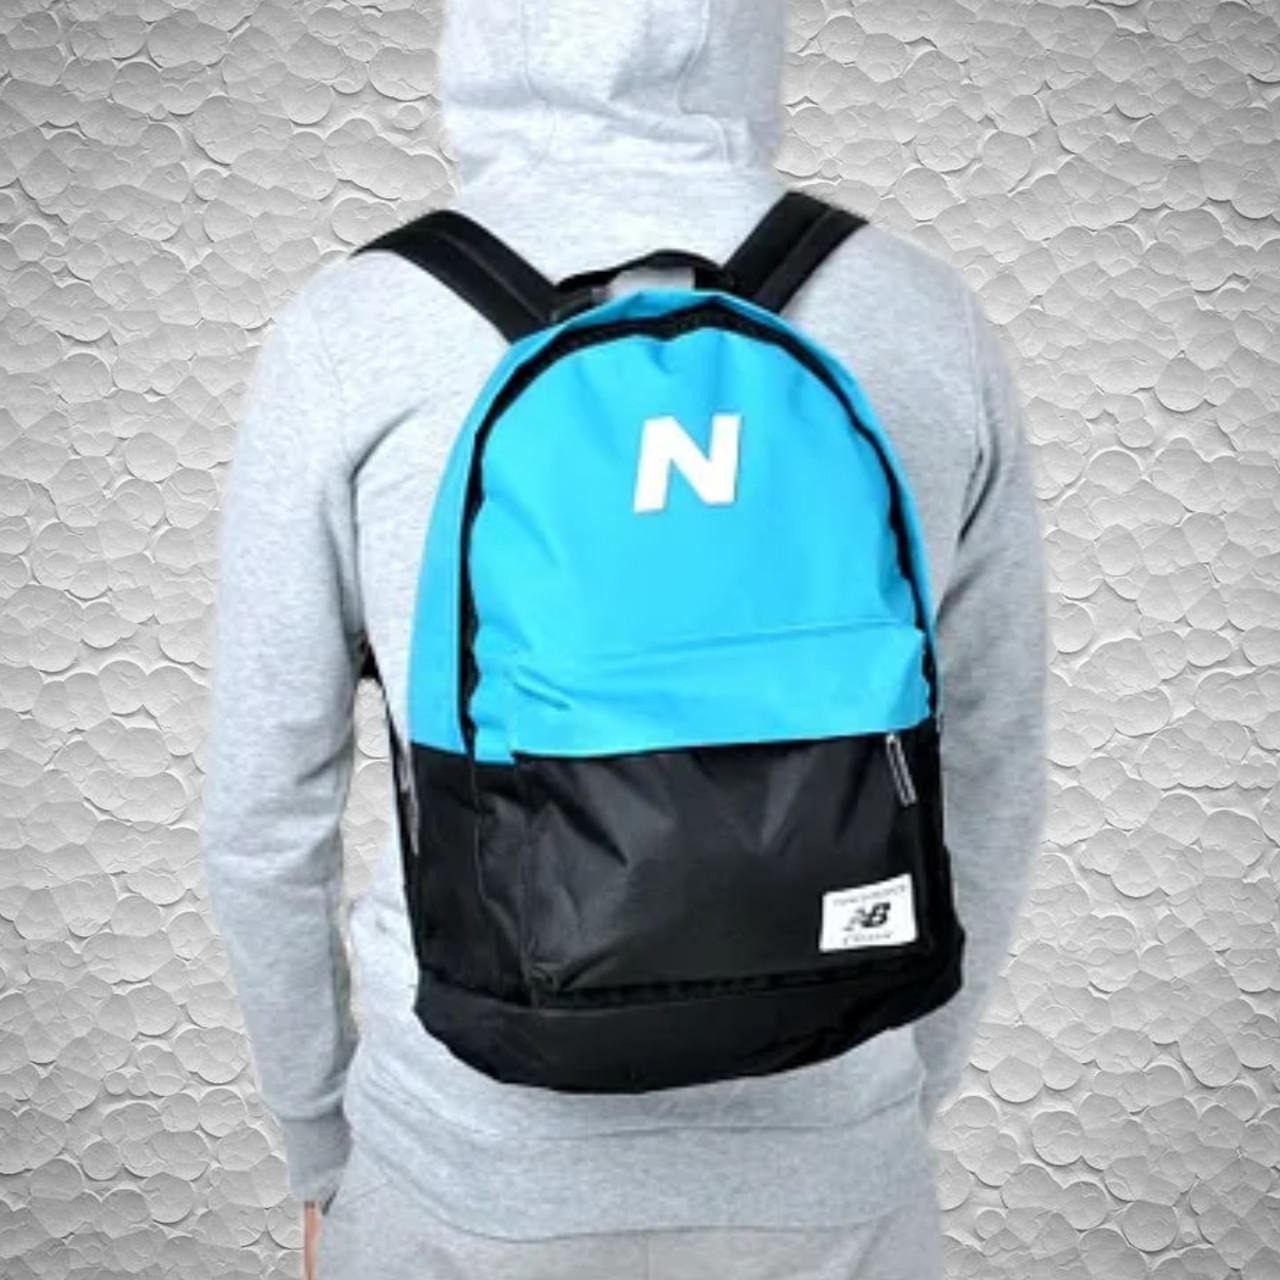 Чоловічий | жіночий міський, спортивний рюкзак, портфель New Balance, нью бэланс. Блакитний з чорним